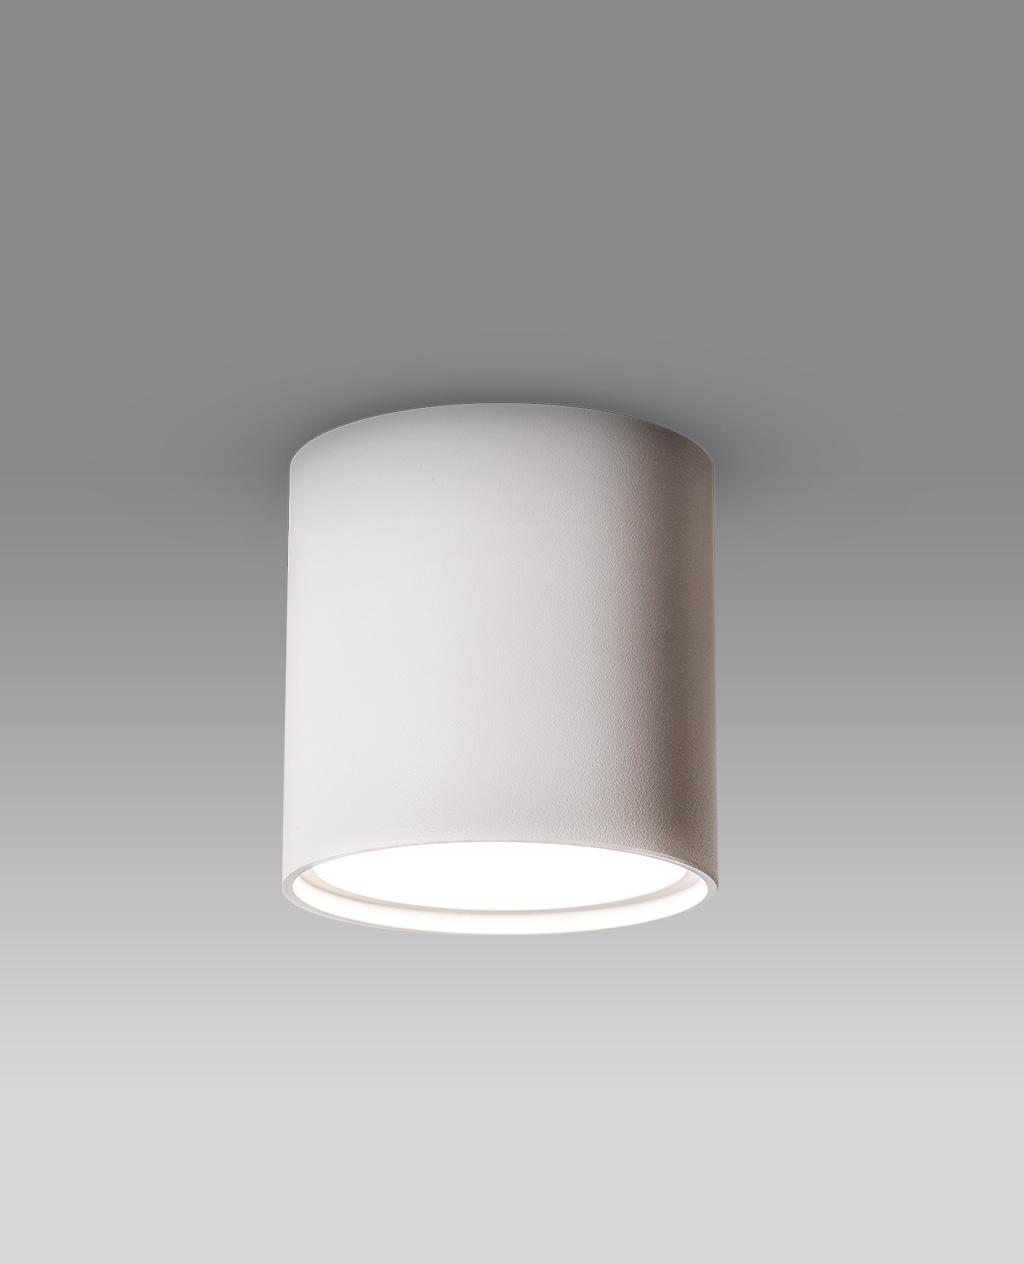 تصویر چراغ دانلایت روکار اکو روی کار تولید شده در صنایع روشنایی نورانه